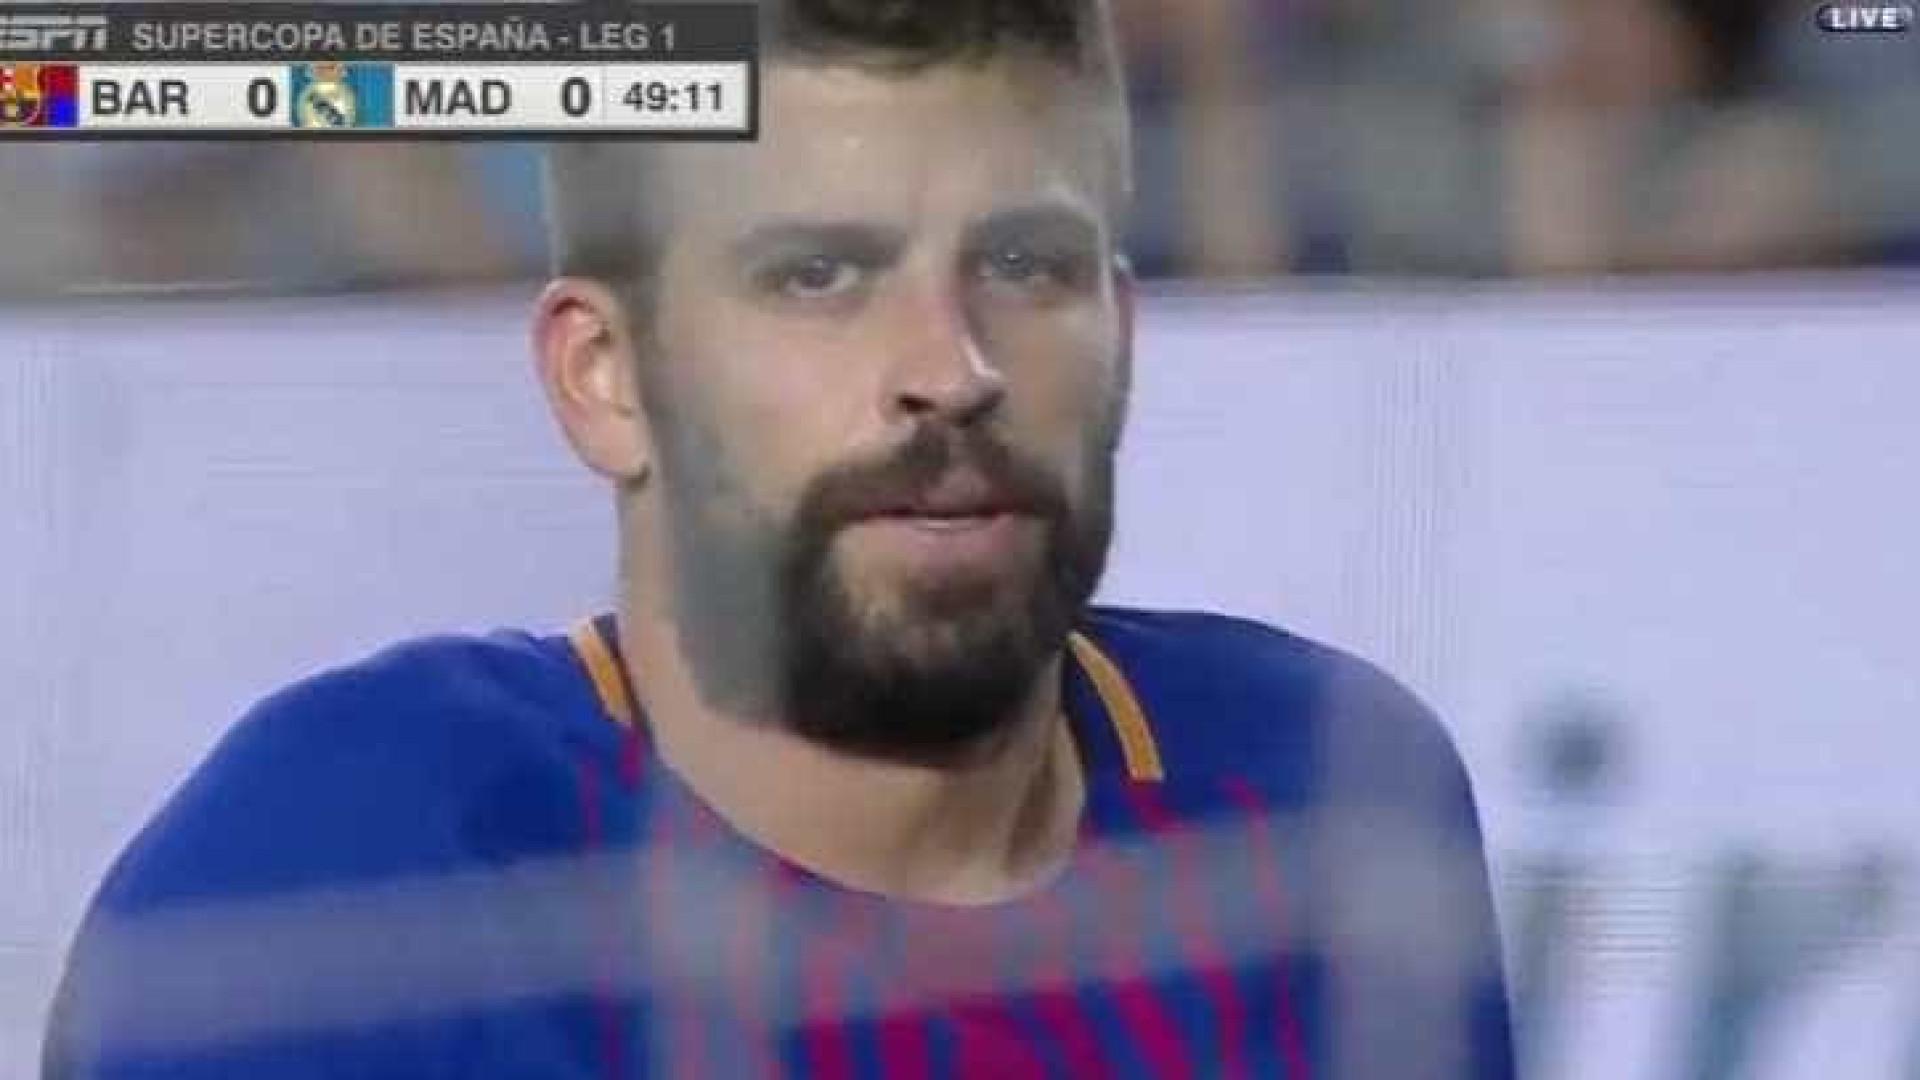 Pesadelo para Piqué: Abriu marcador de El Clásico... na própria baliza